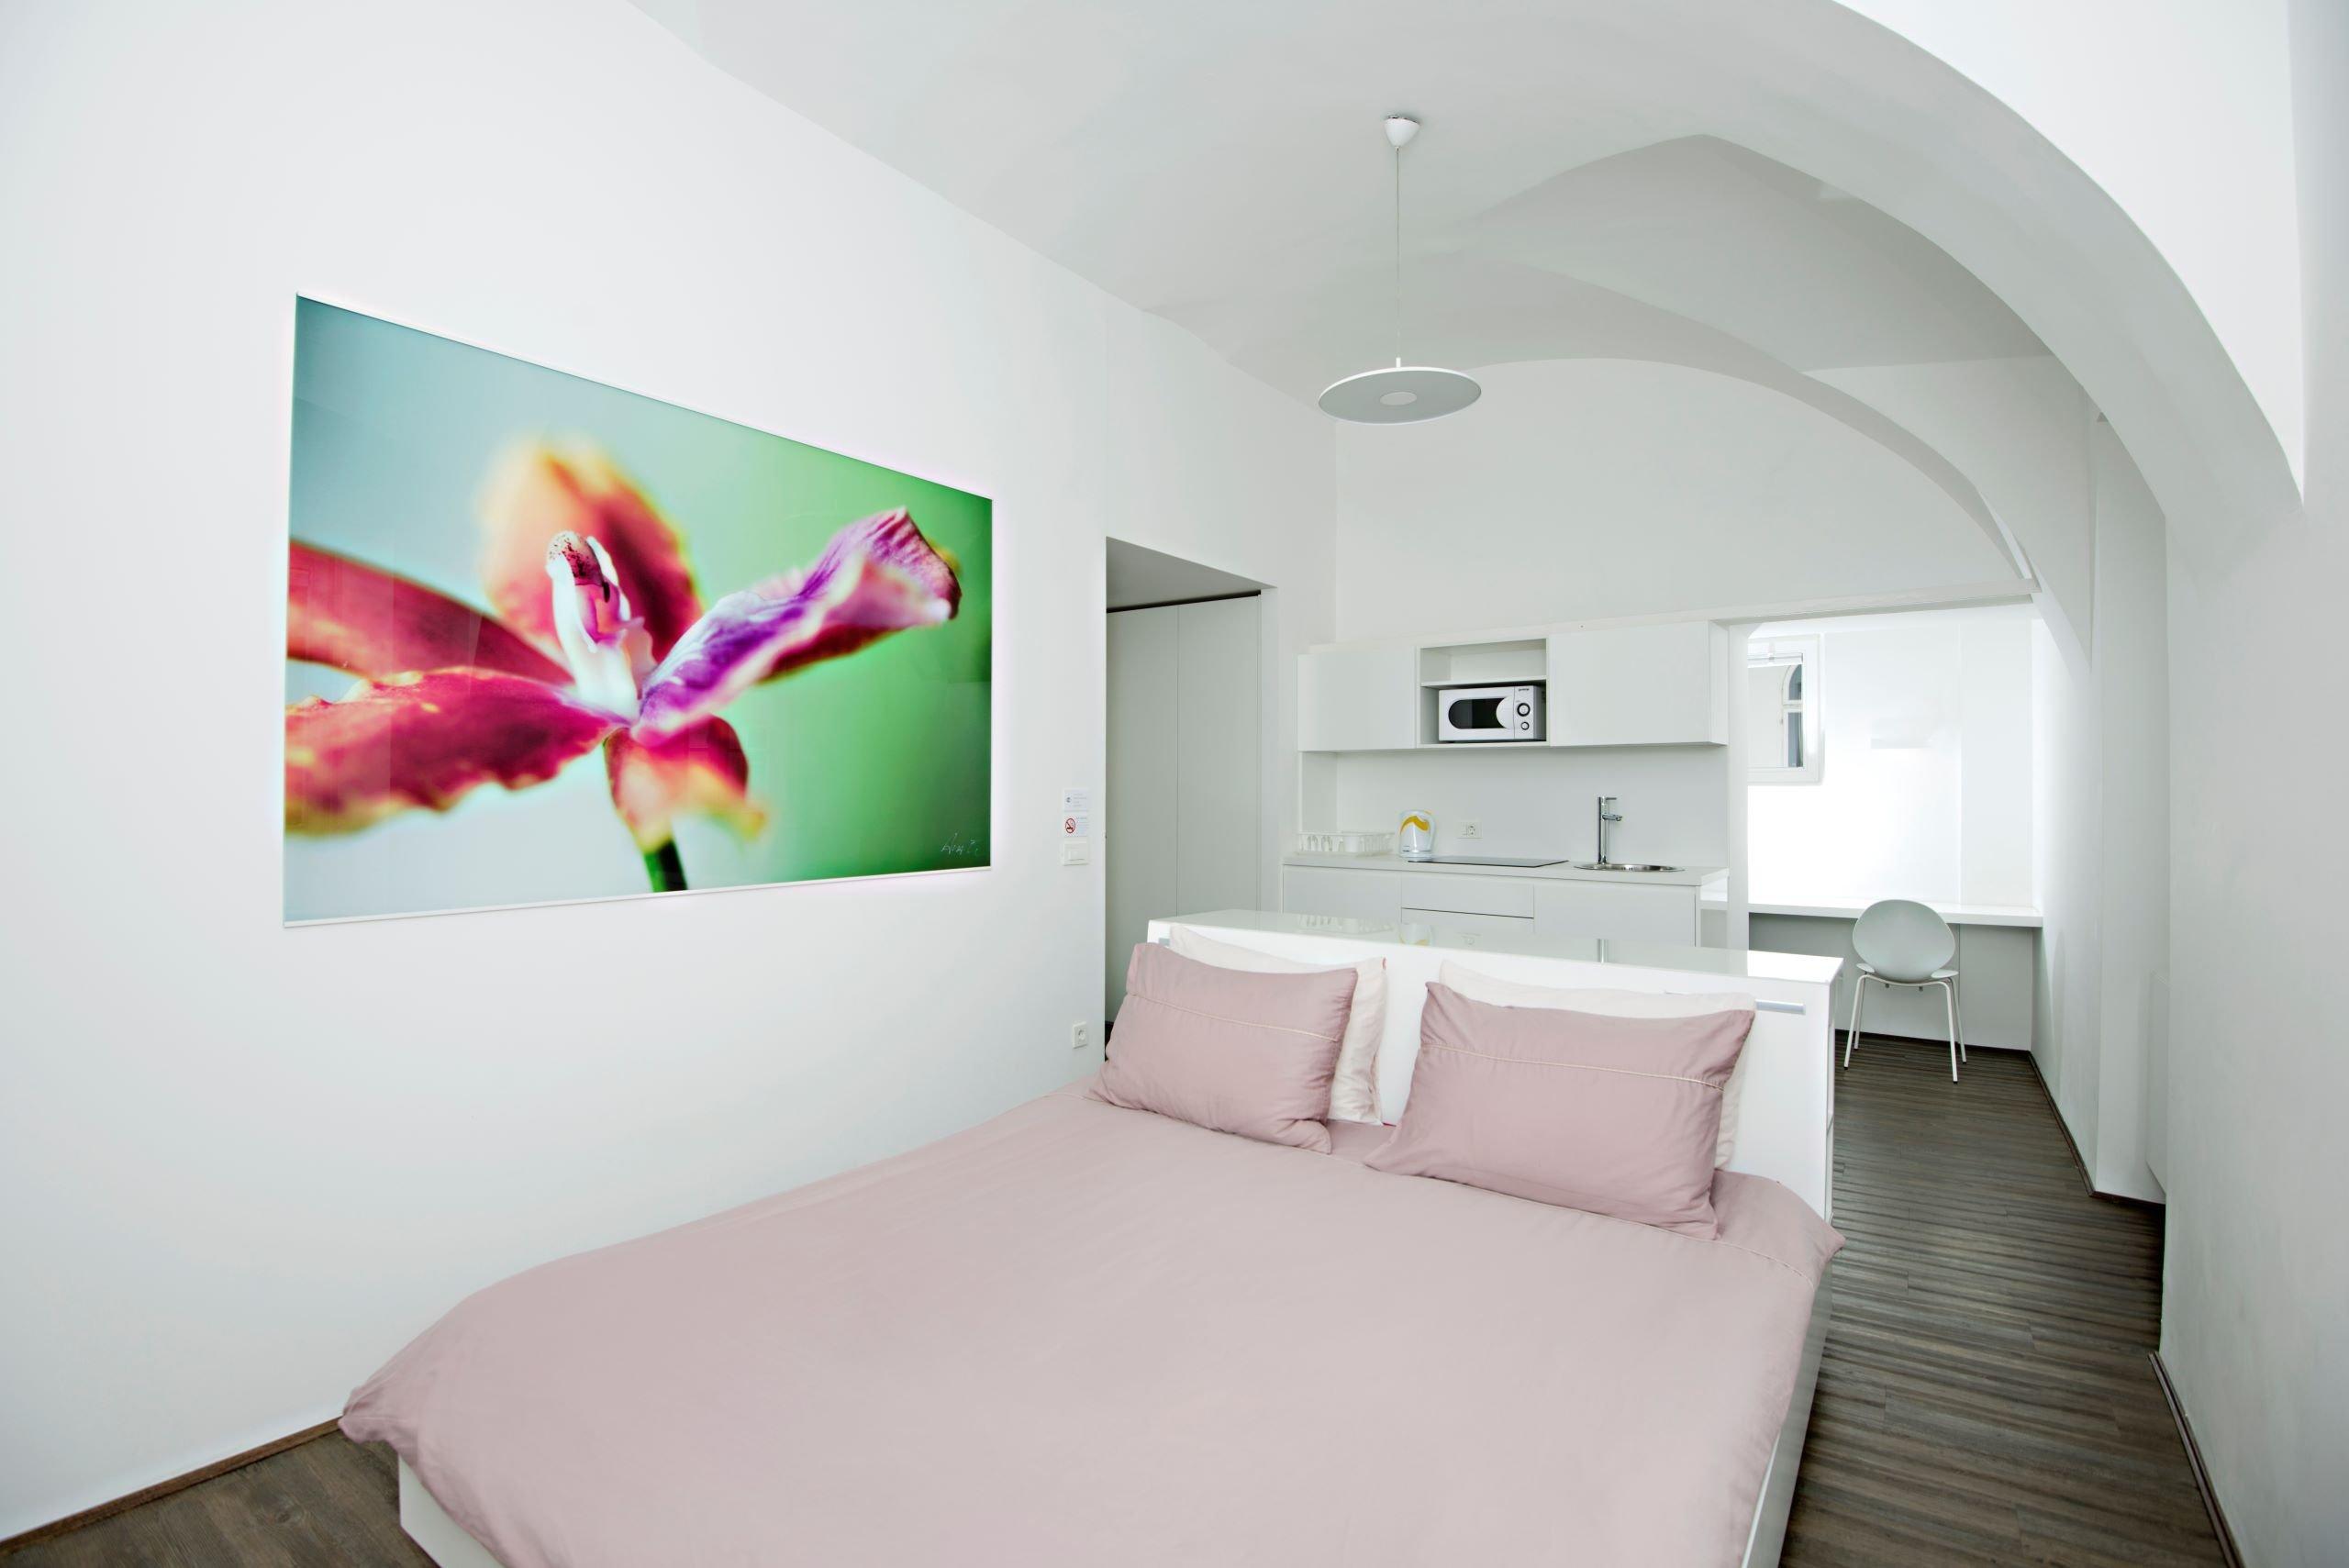 Galeria River - Studio Apartment